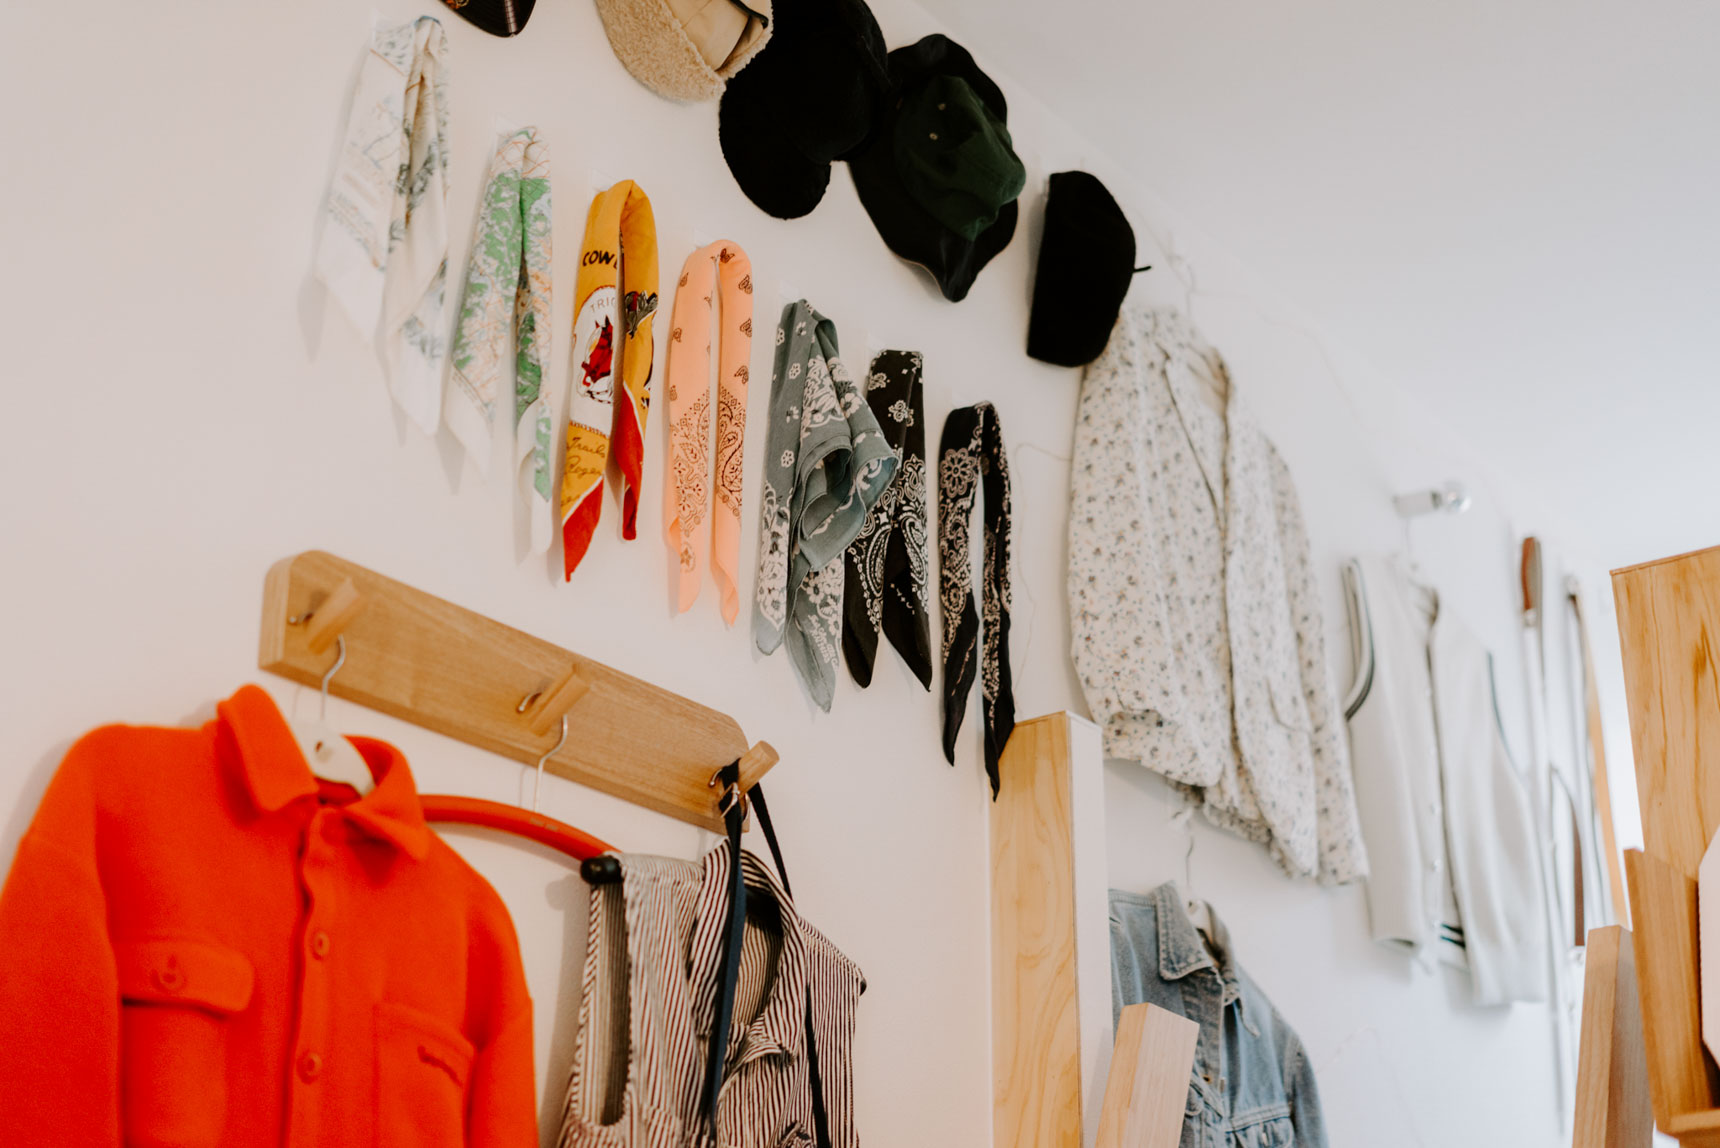 賃貸でも、穴の小さいピンやホッチキスなどを使って壁につけられるフックや棚が売られています。うまく組み合わせれば、こんな風に部屋を彩ることが可能()